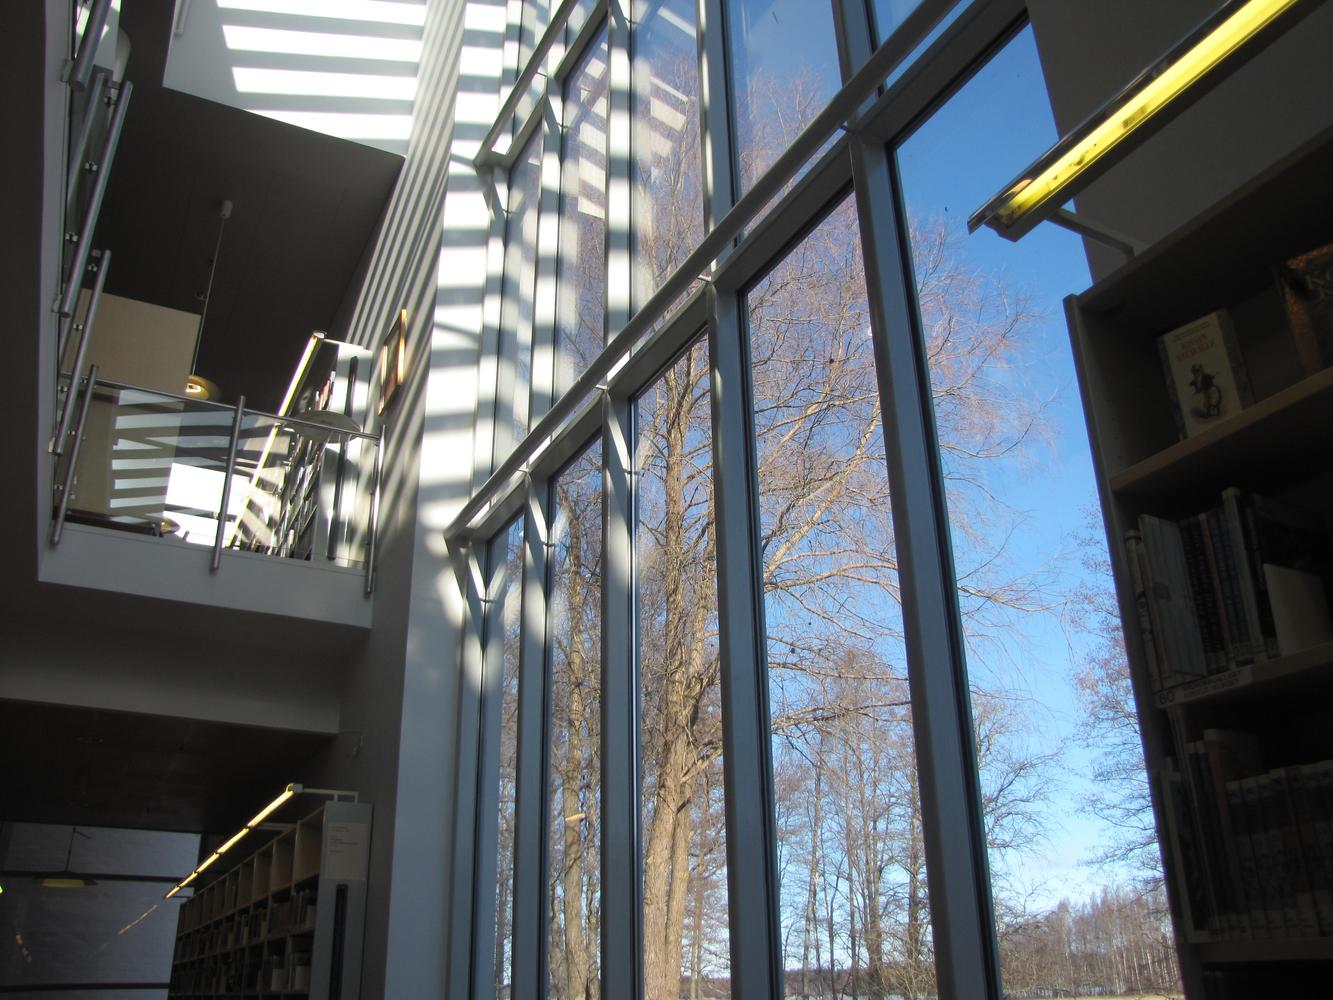 Pieksämäki - Poleenin kirjasto (Pääkirjasto)